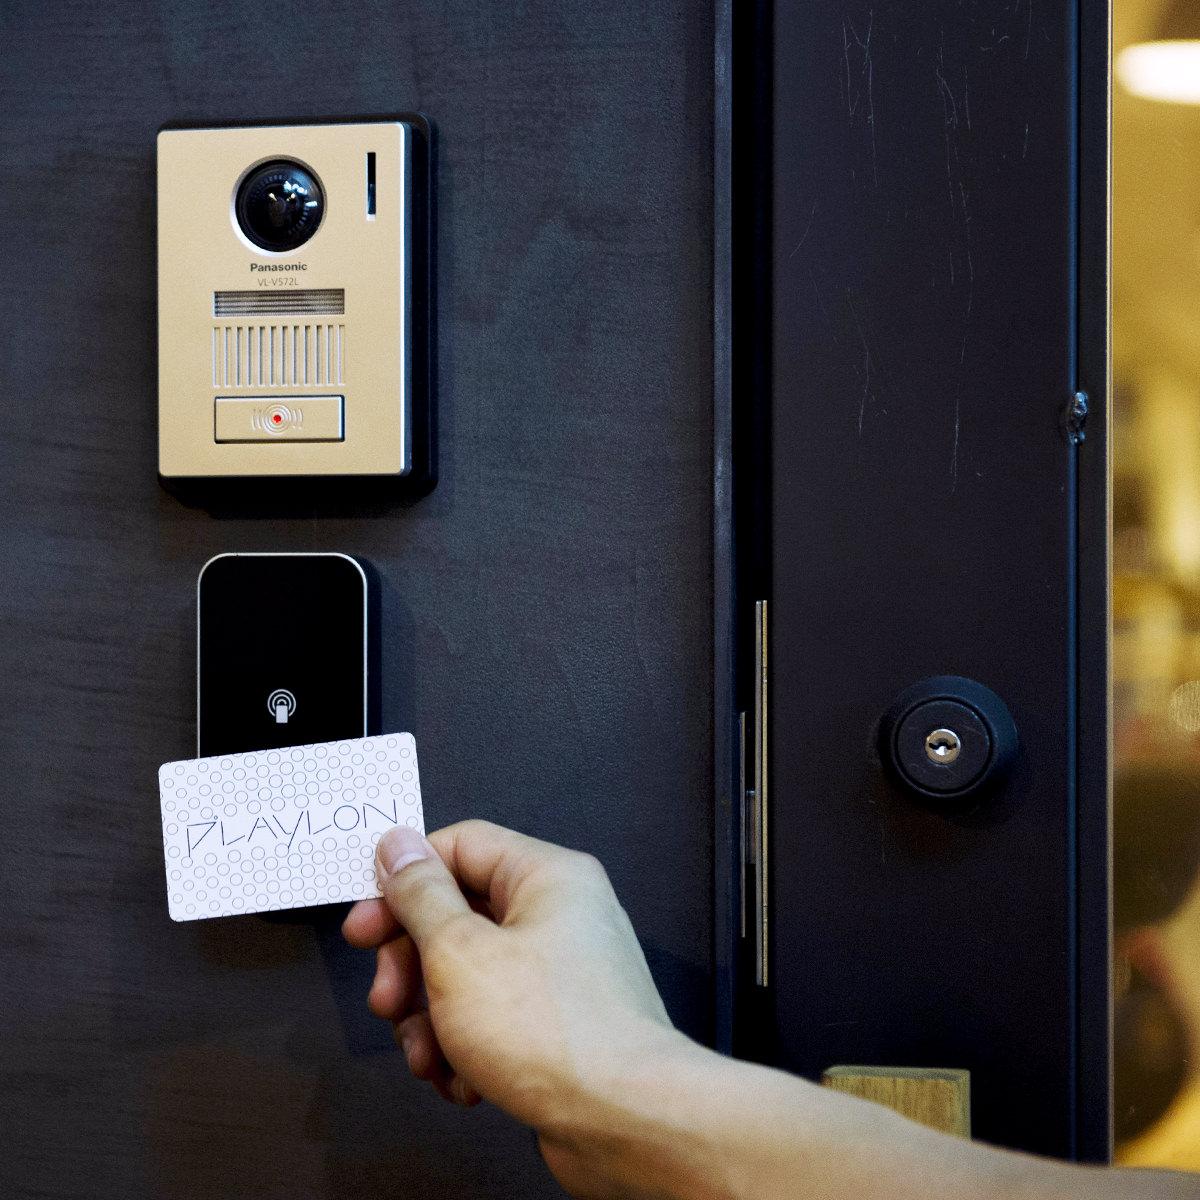 セキュリティアプリまたはカードでチェックイン